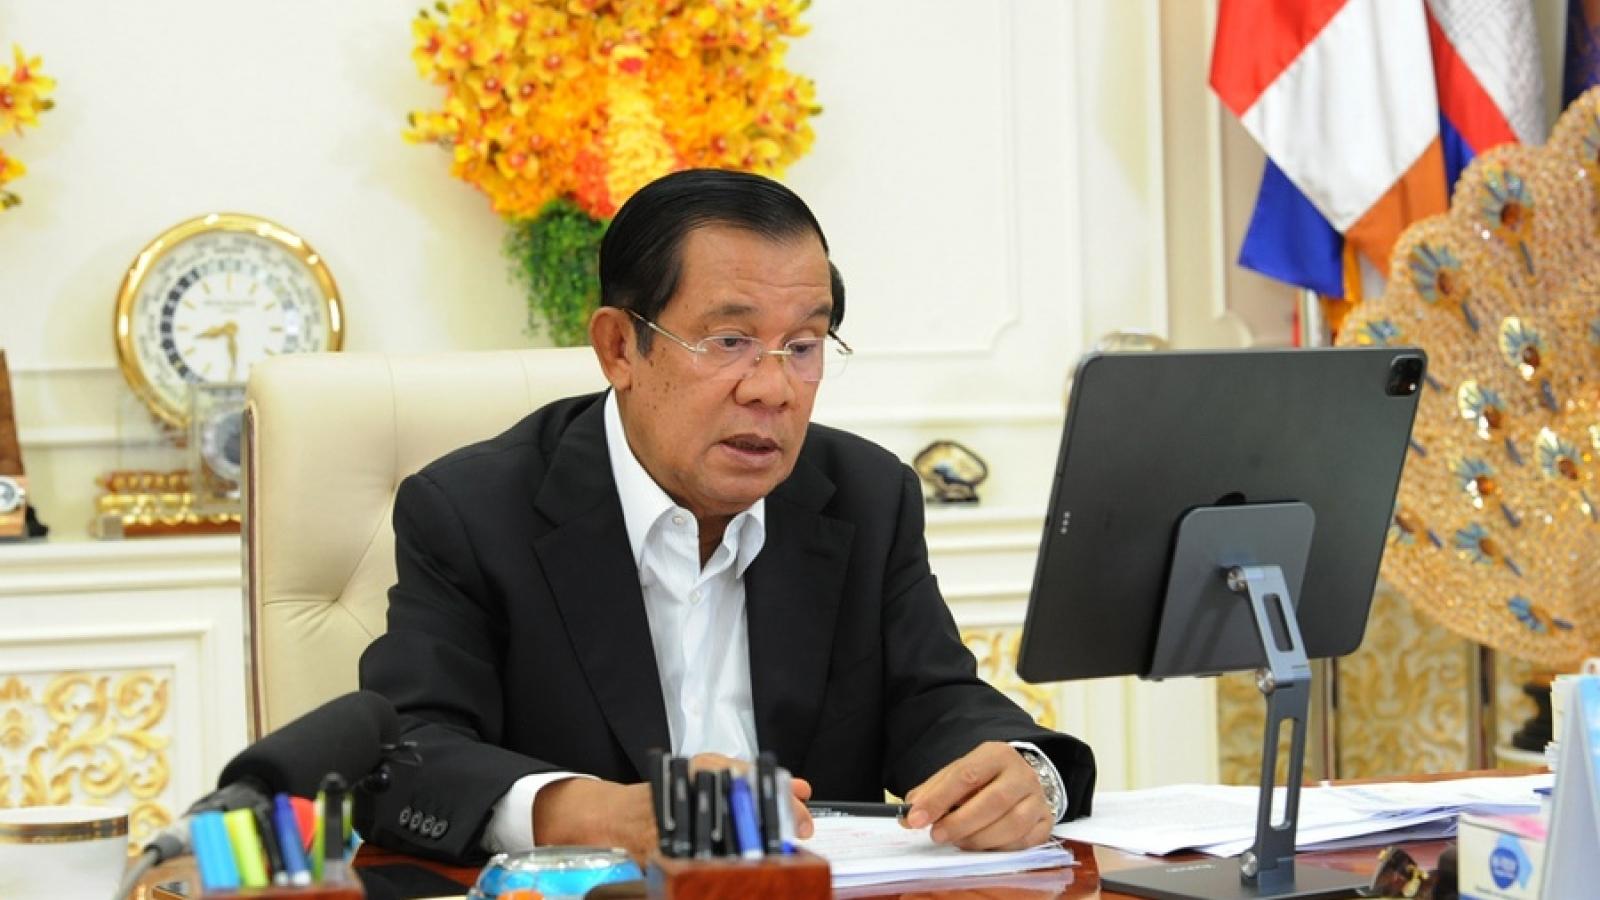 Campuchia đồng ý tiếp nhận tạm thời 300 người tị nạn Afghanistan